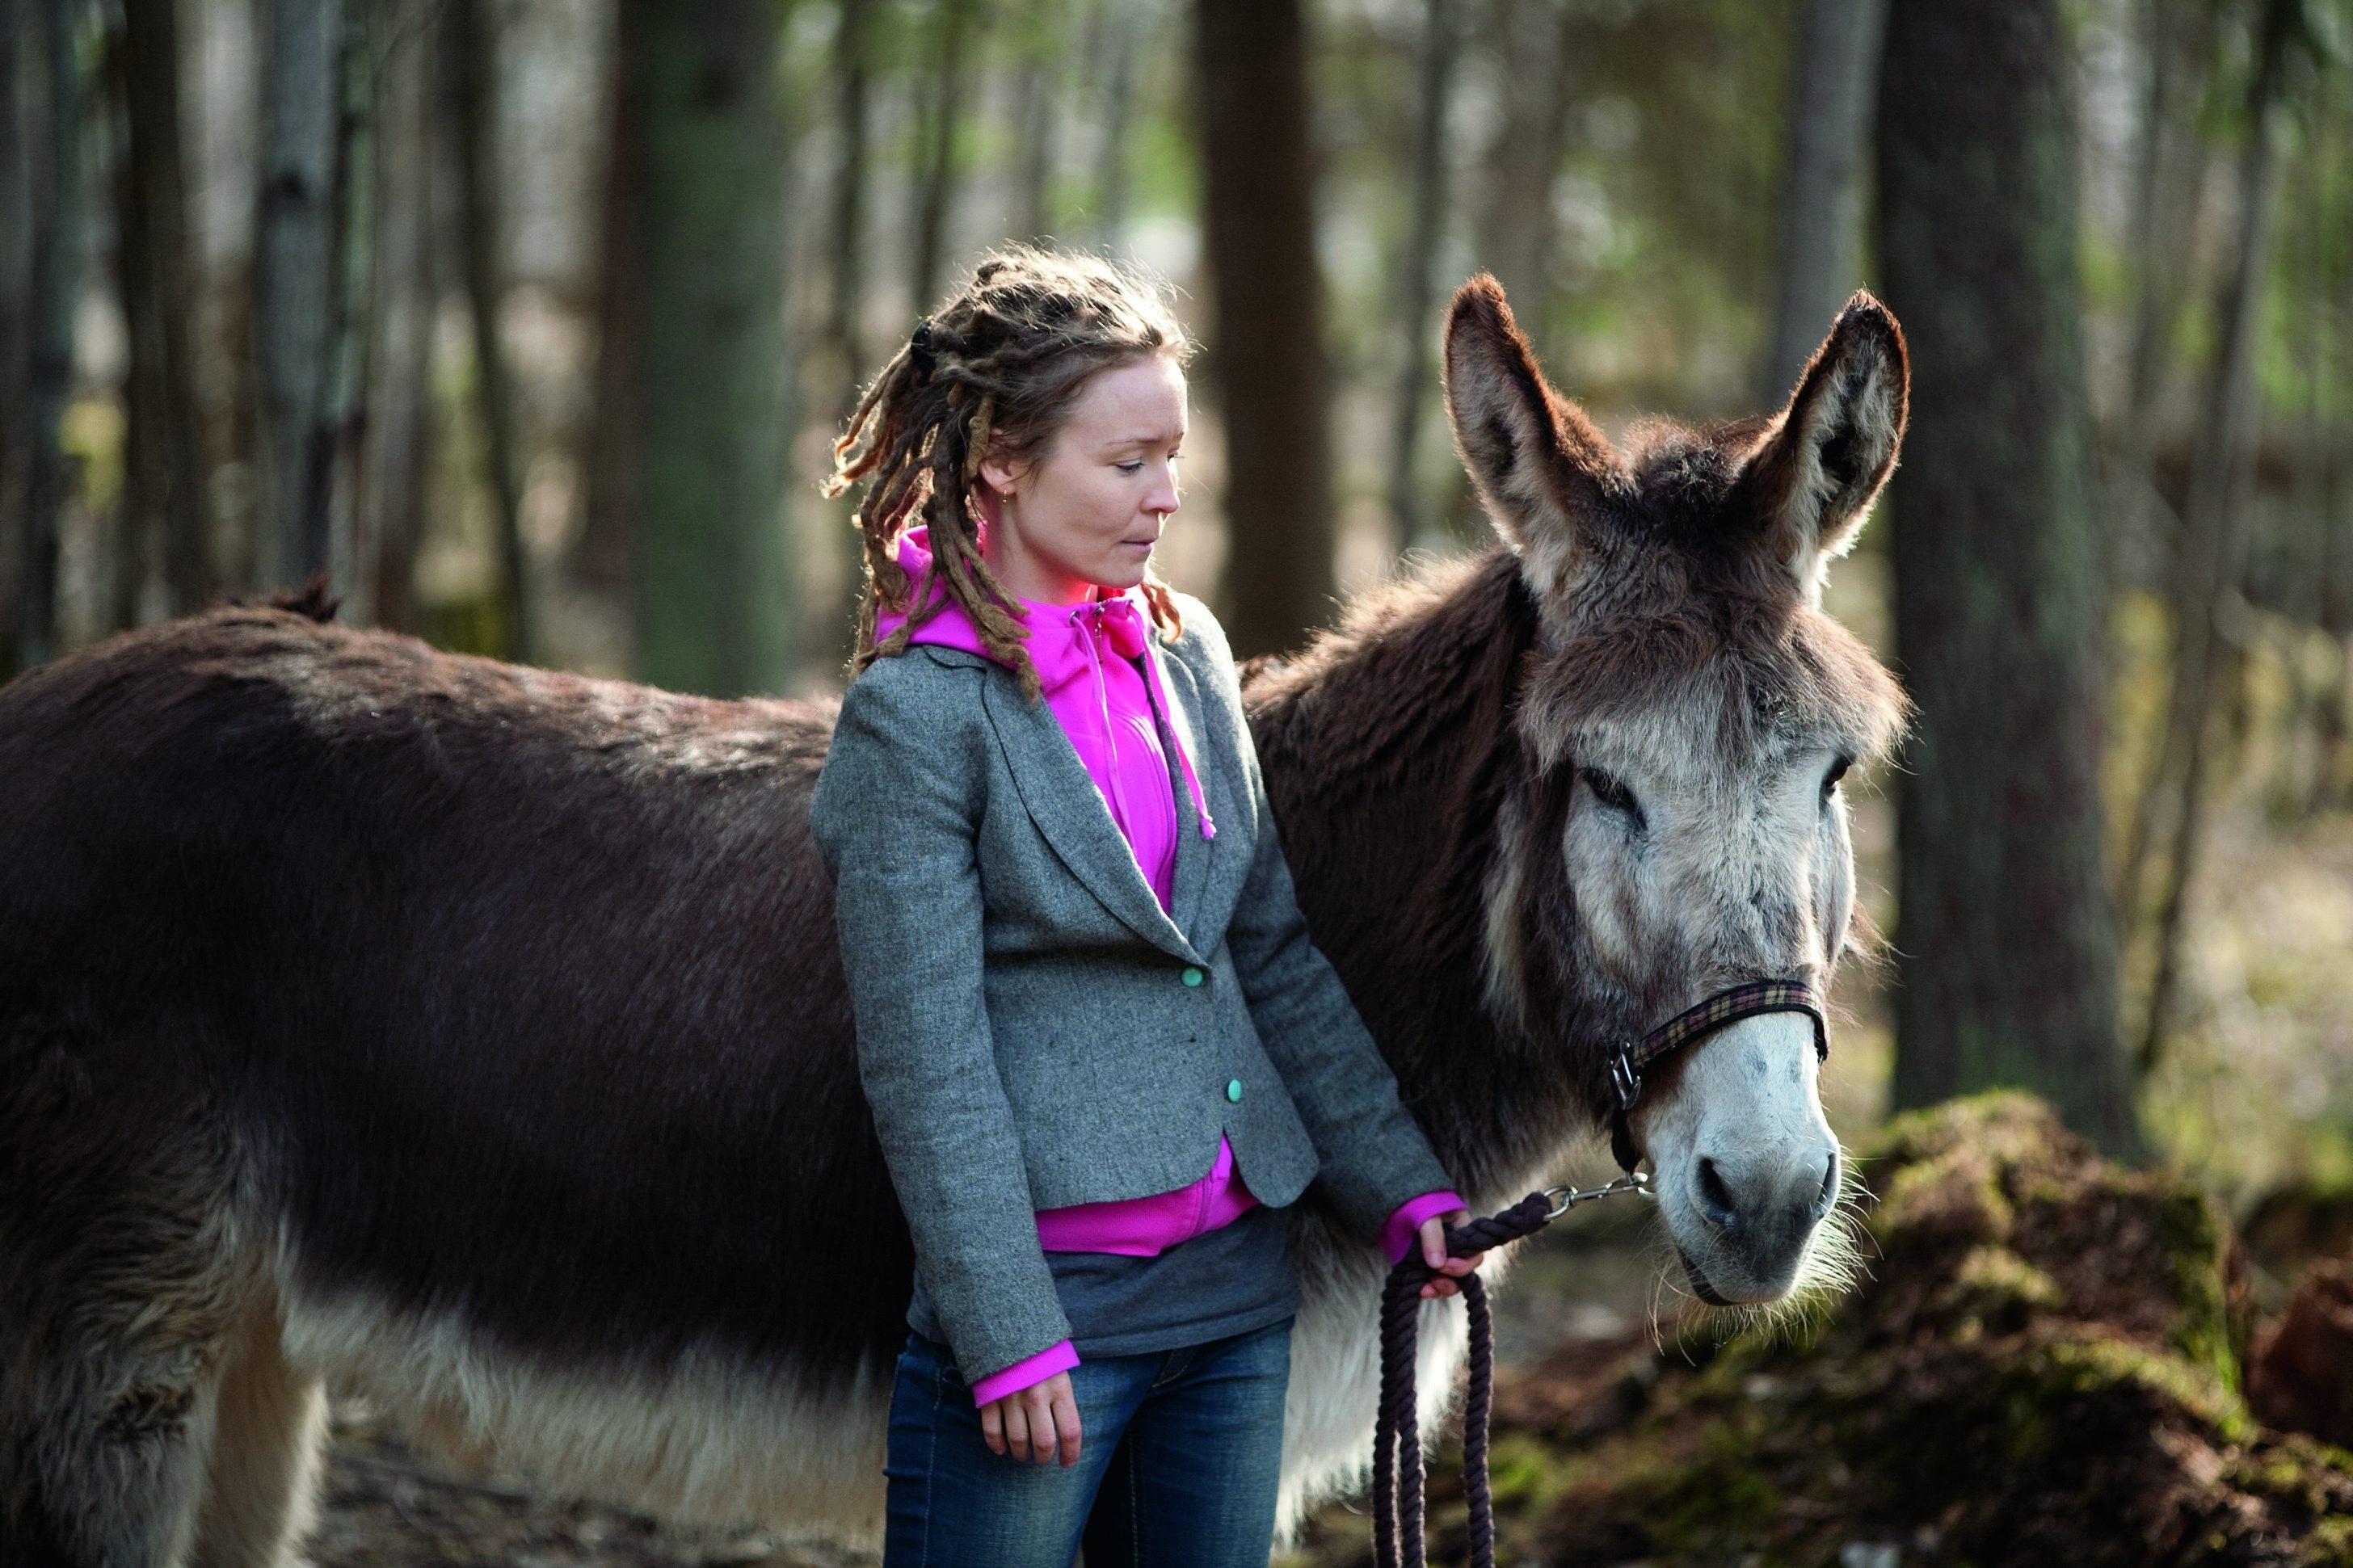 woman with donkey from aija-liisa ahtila's exhibition